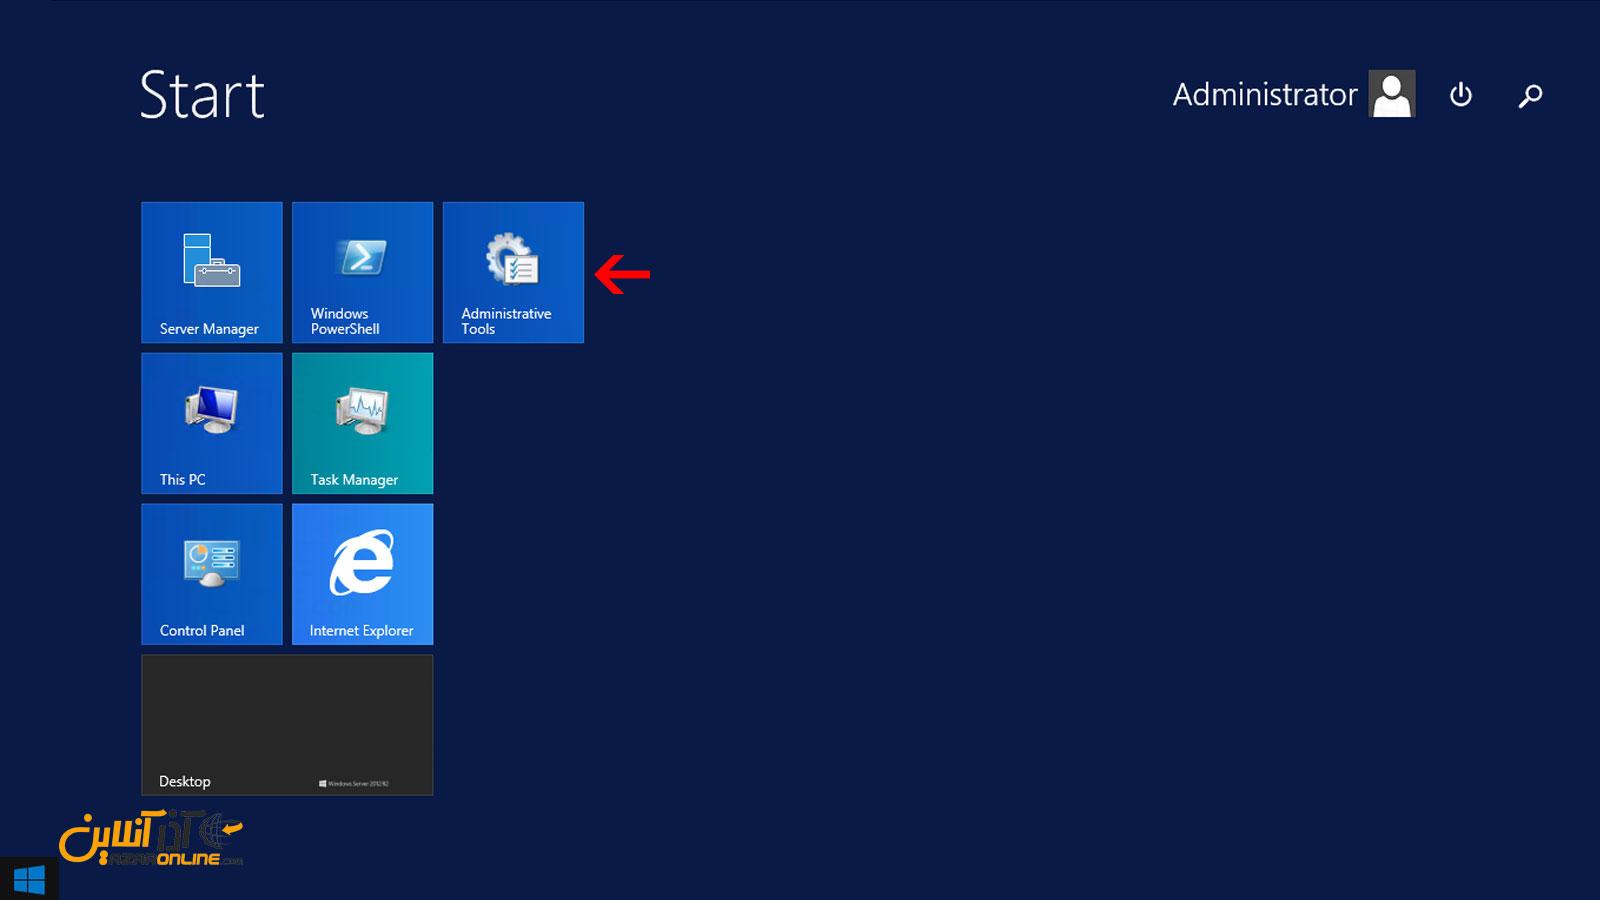 باز کردن Administrative tools